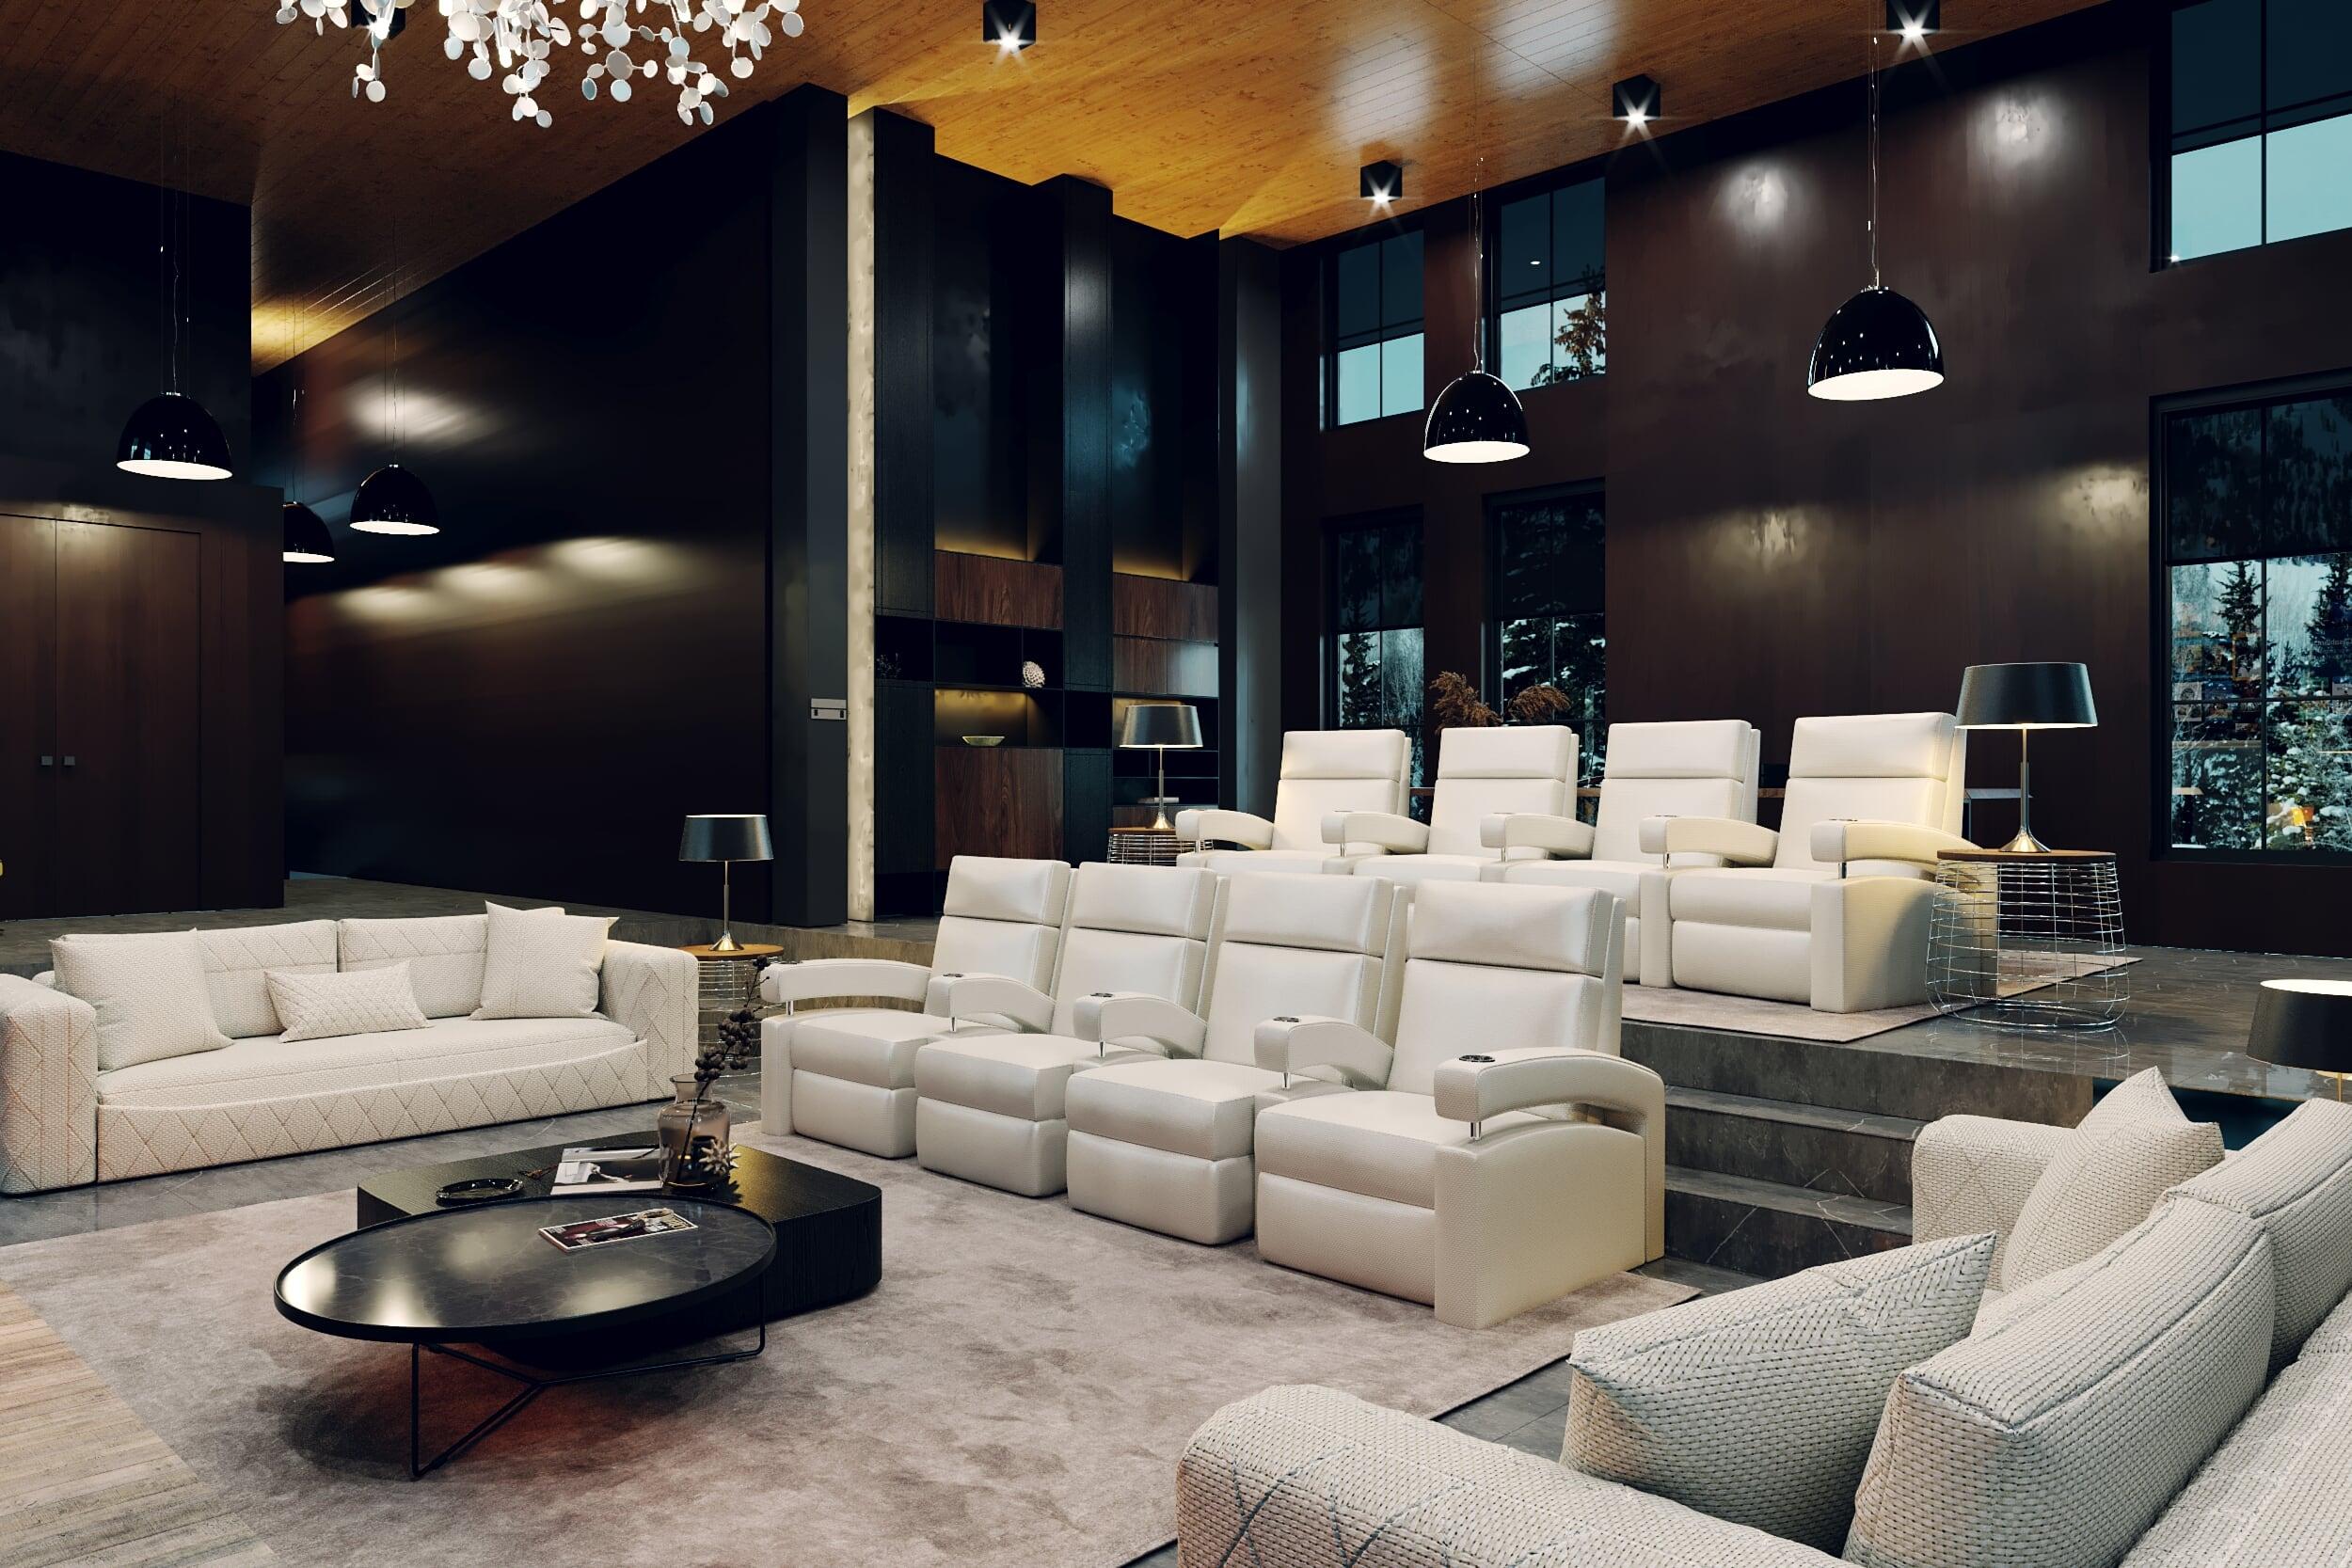 theater-luxury-1-2-2